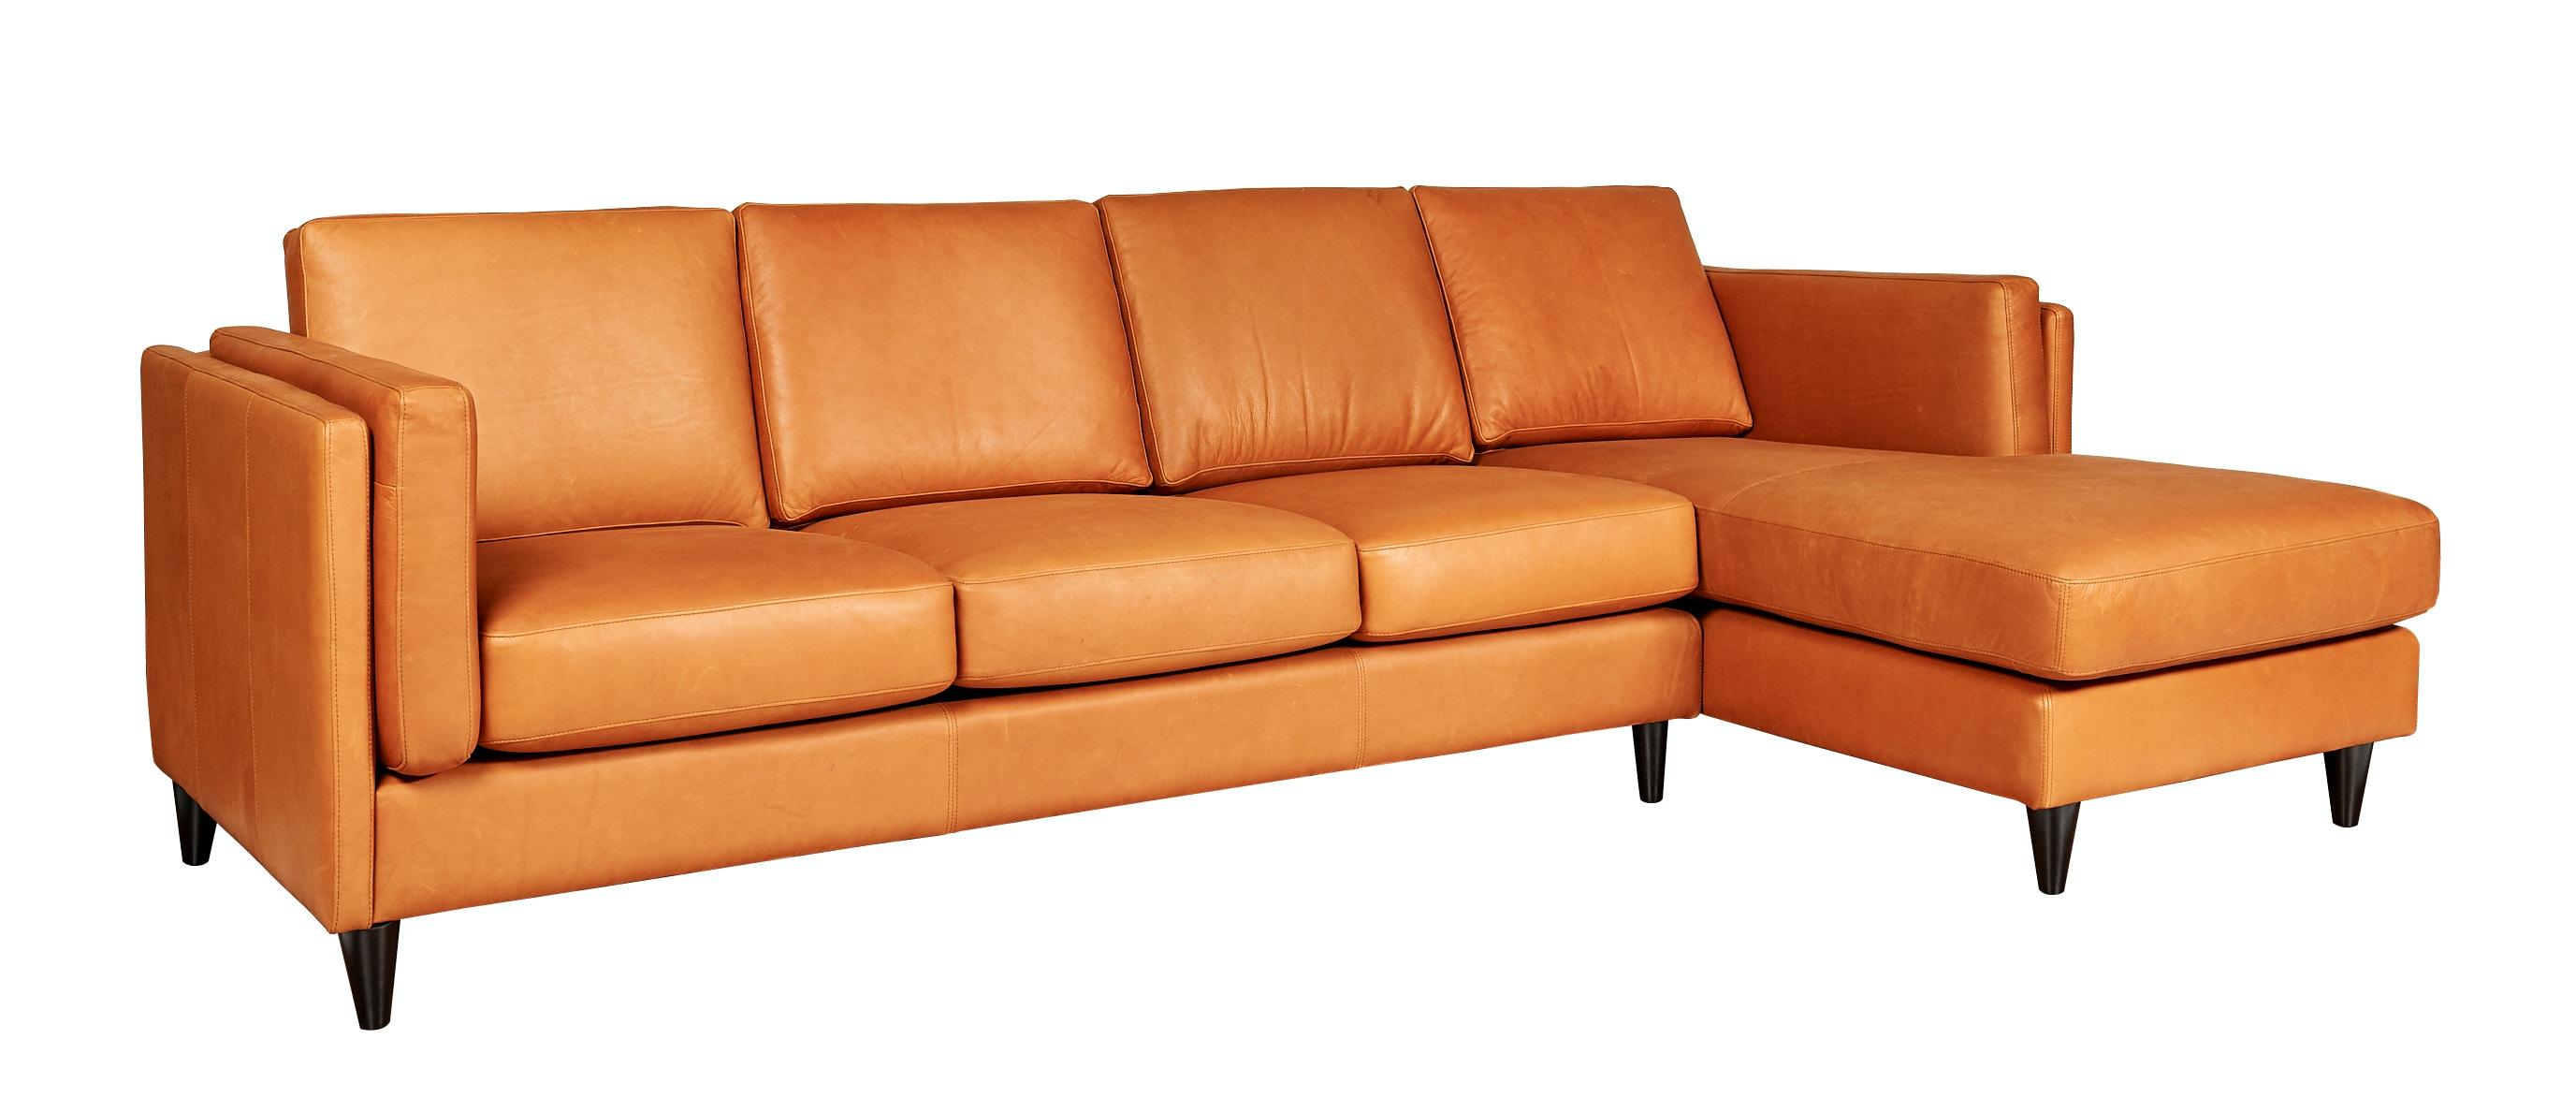 Legacy Leather Sofa W/Chaise Tessa